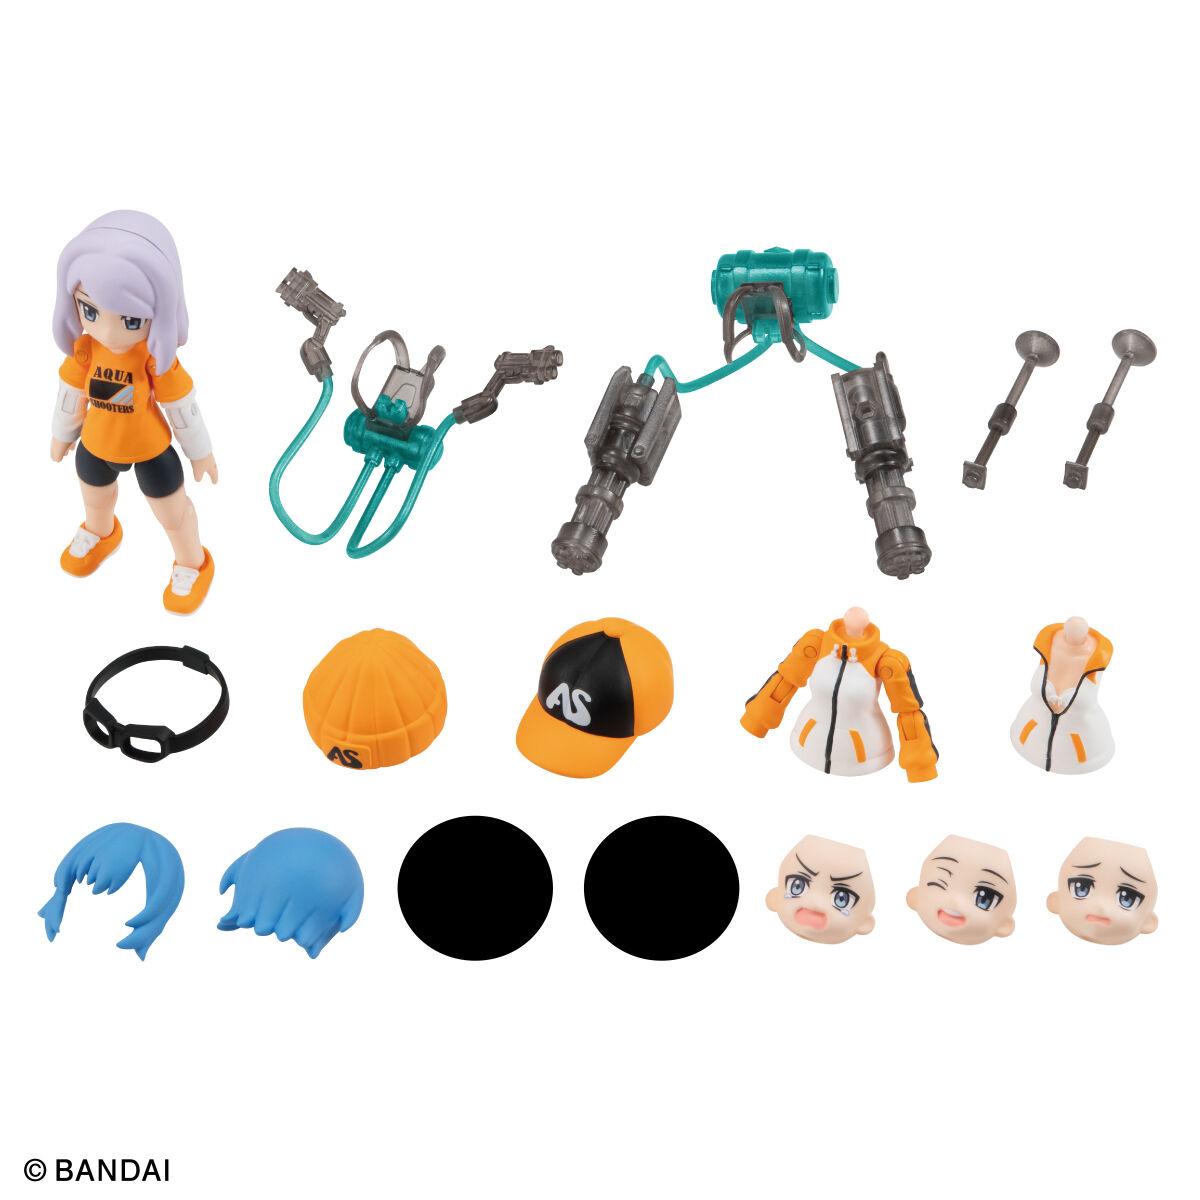 【限定販売】ガシャポン『AQUA SHOOTERS!08』10個入りBOX-016